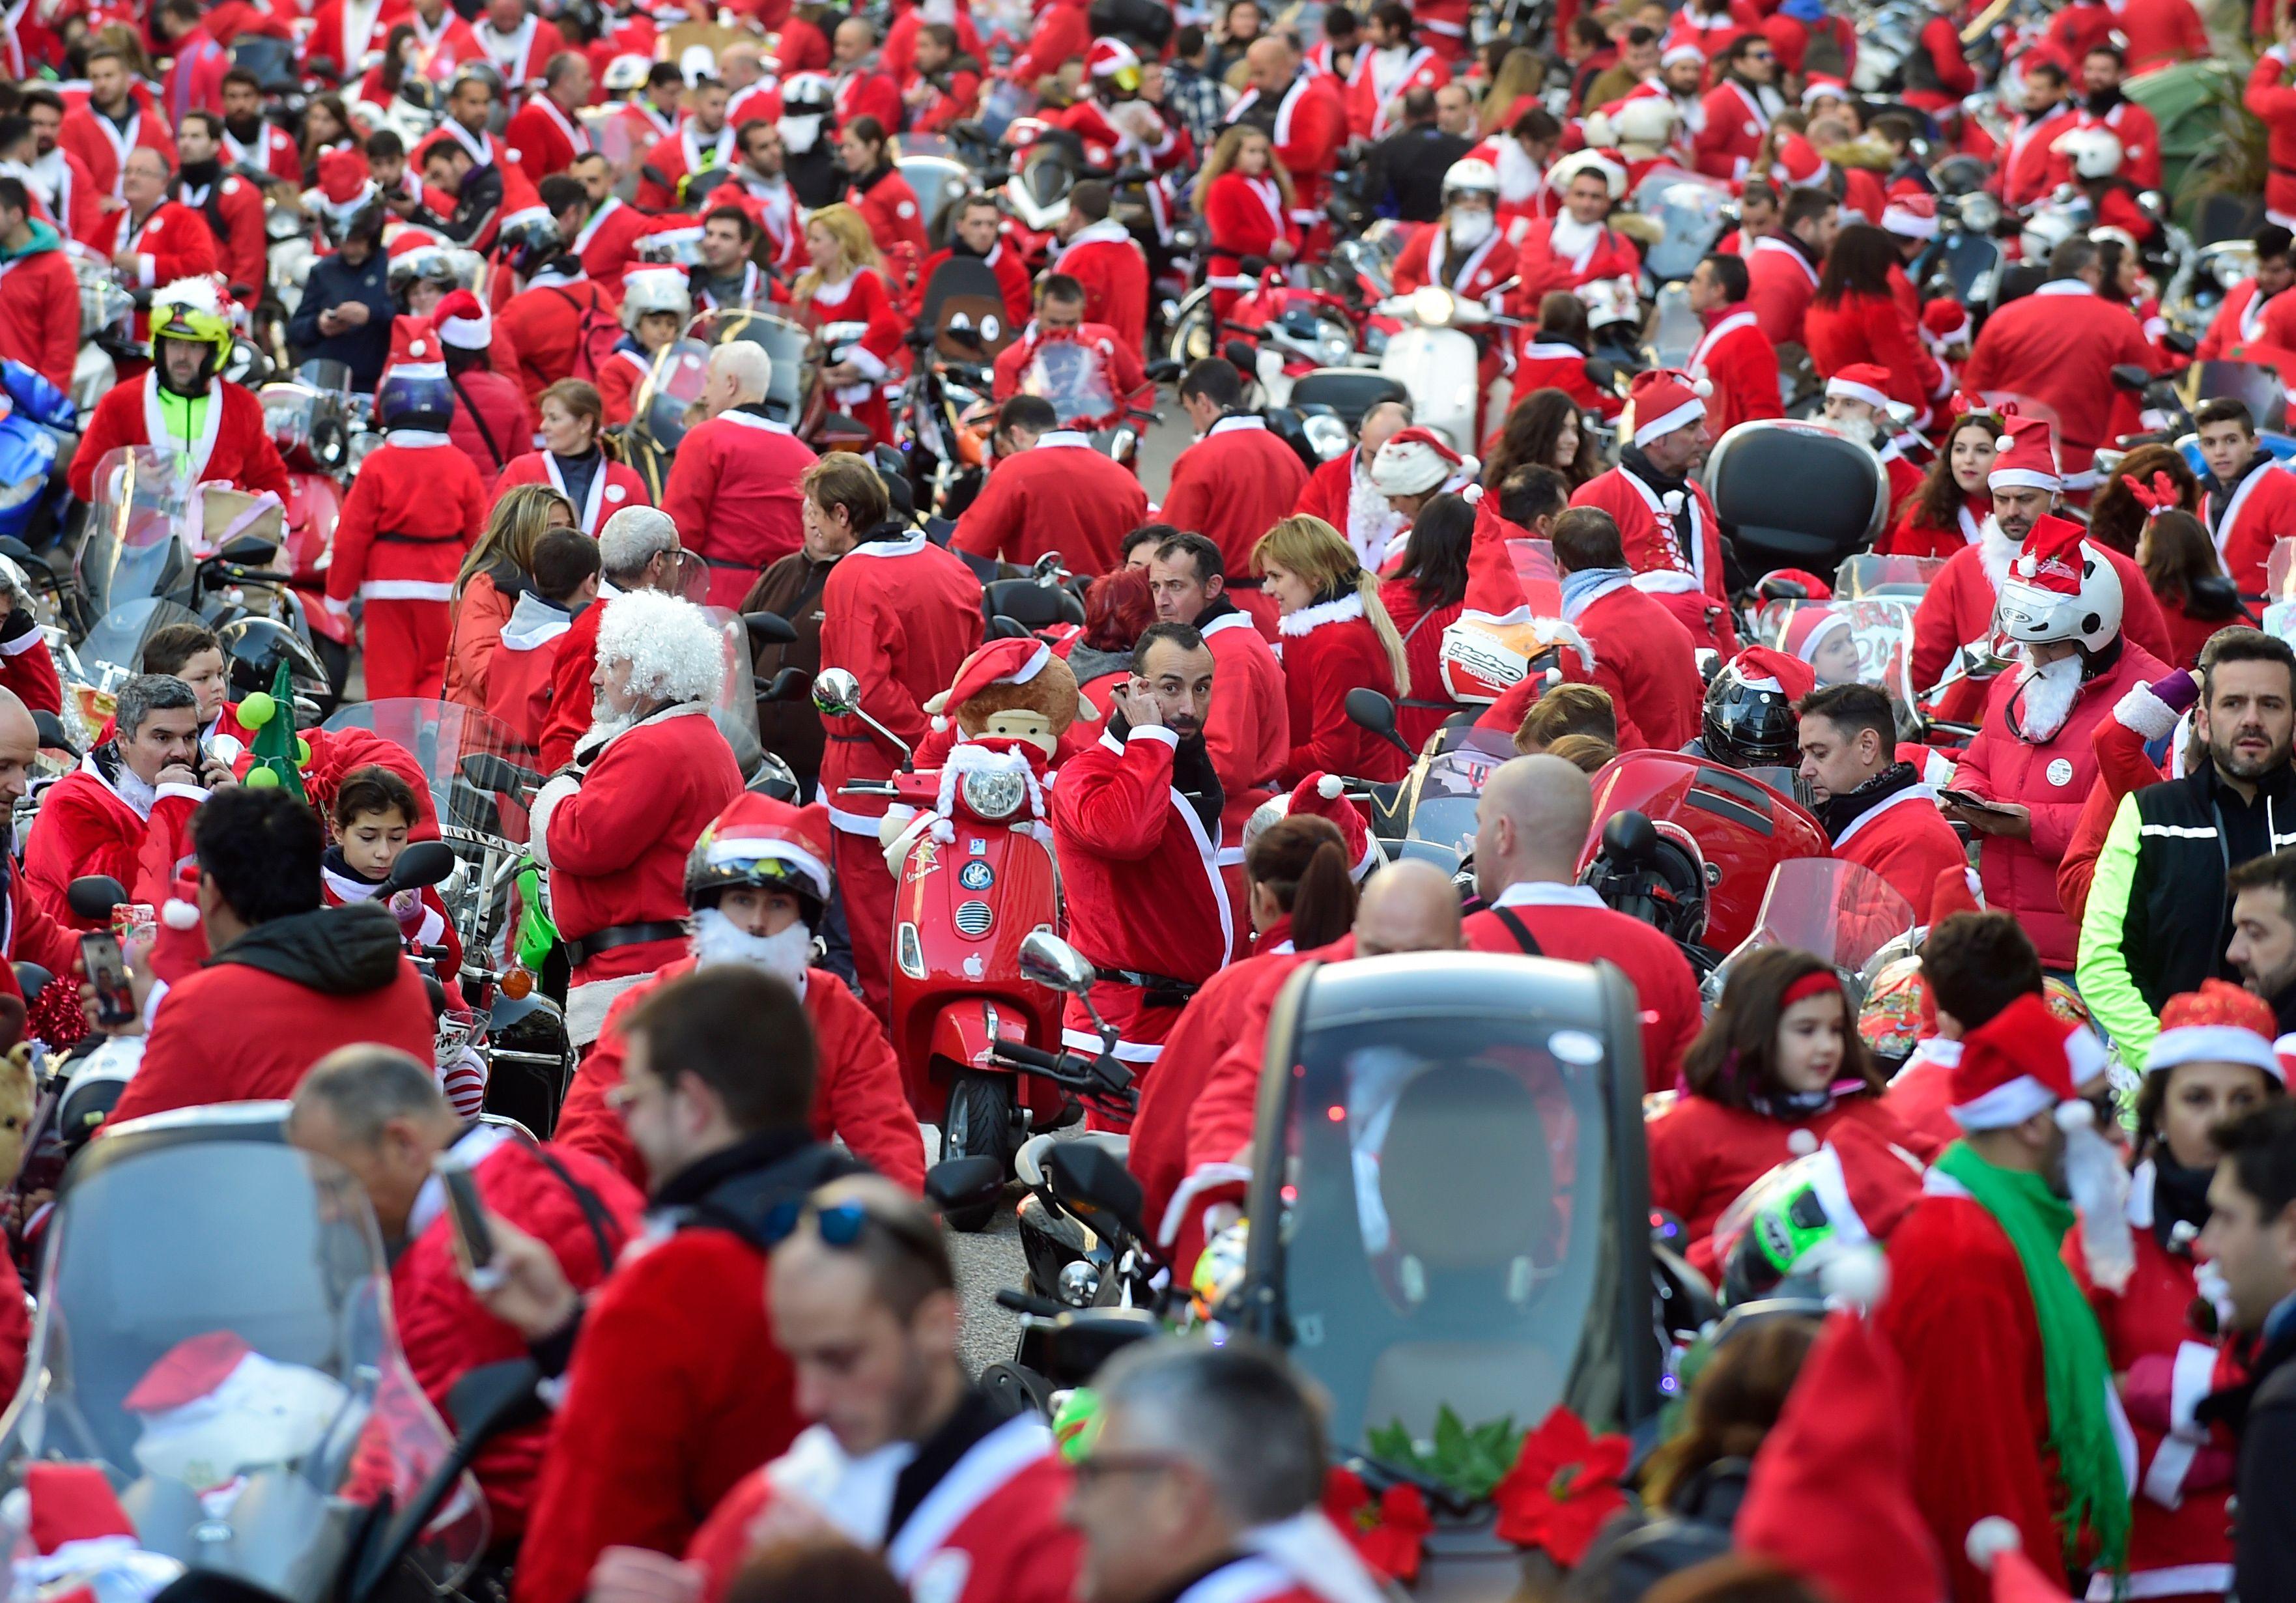 زى بابا نويل فى الاحتفال